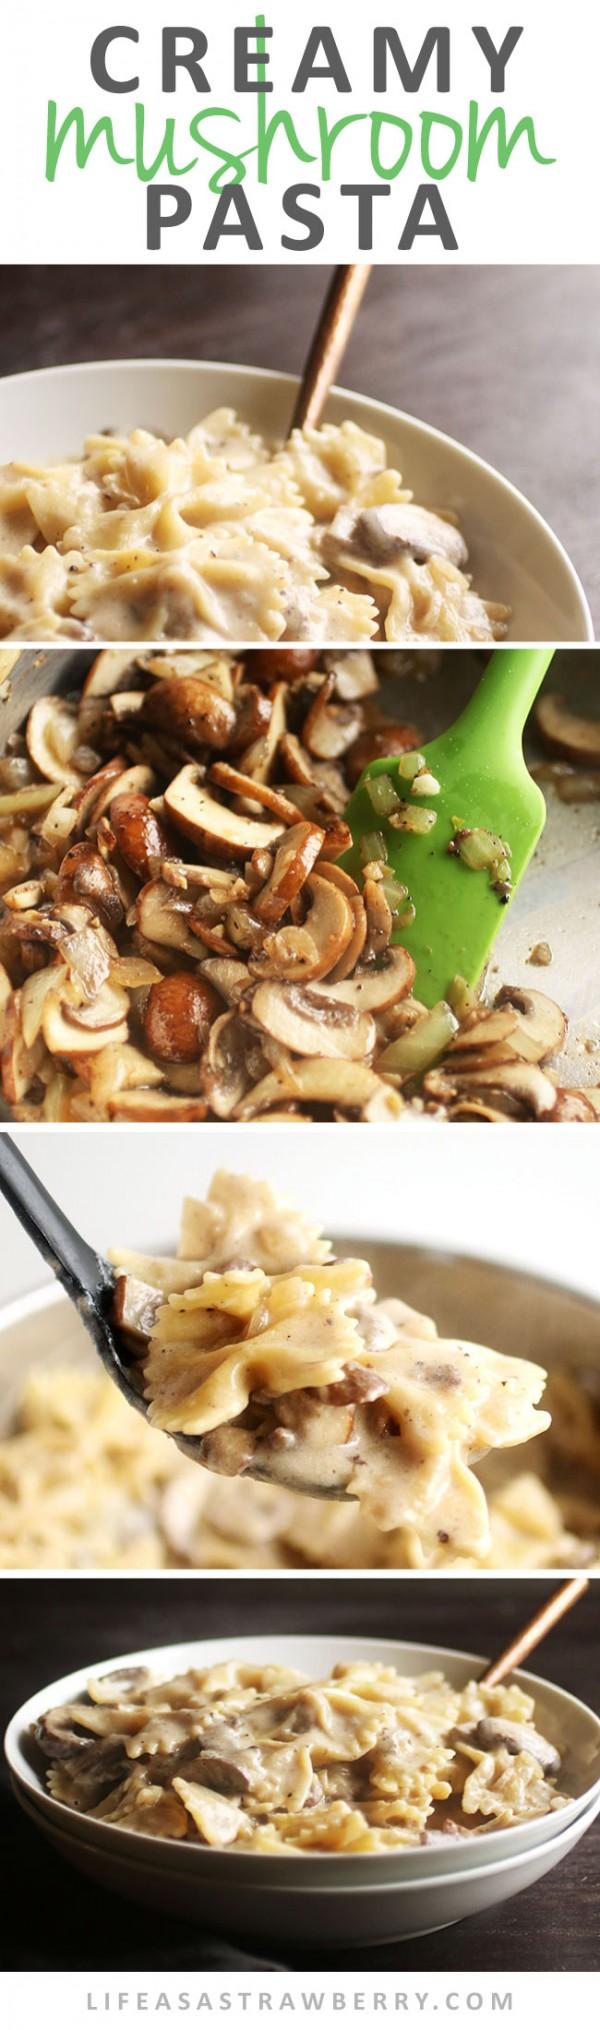 Get the recipe Creamy Mushroom Pasta @recipes_to_go